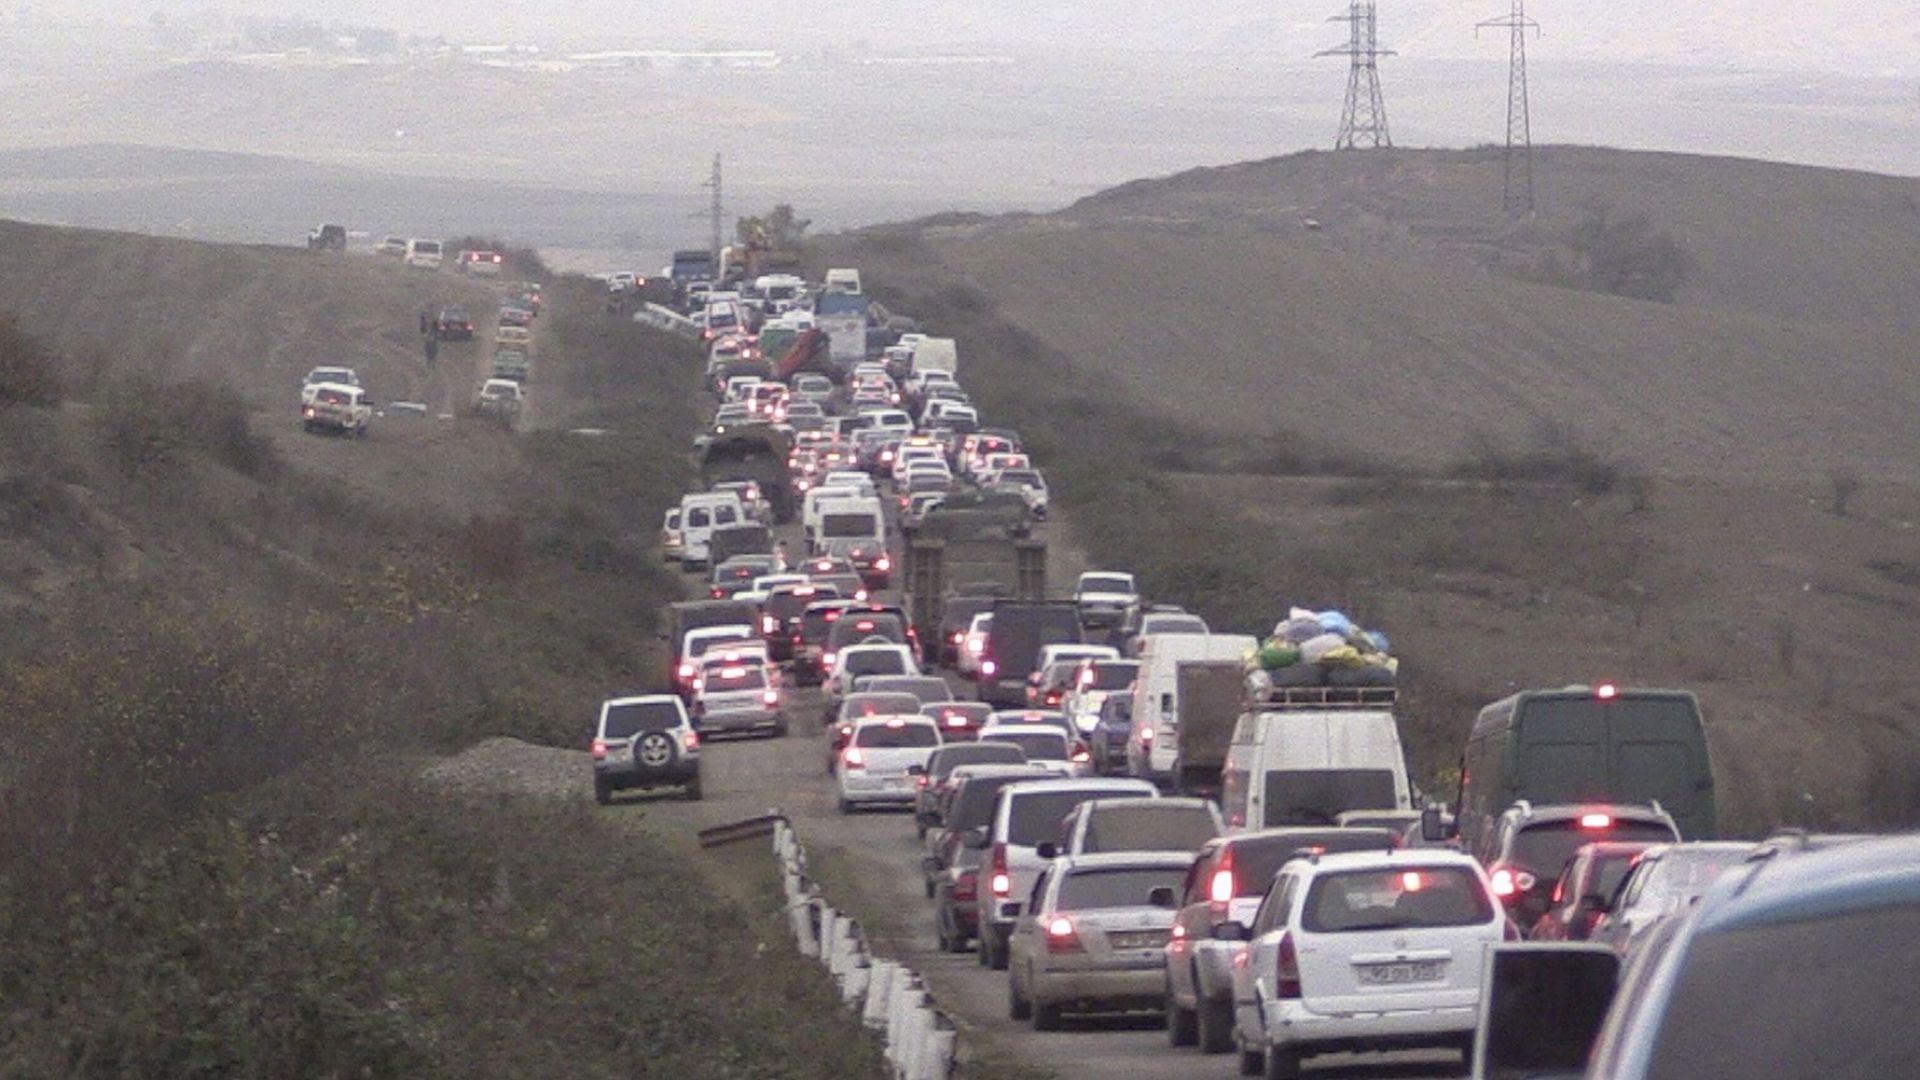 Задръстване от изнасящите се към Армения жители на Нагорни Карабах, наричан от арменците Арцах